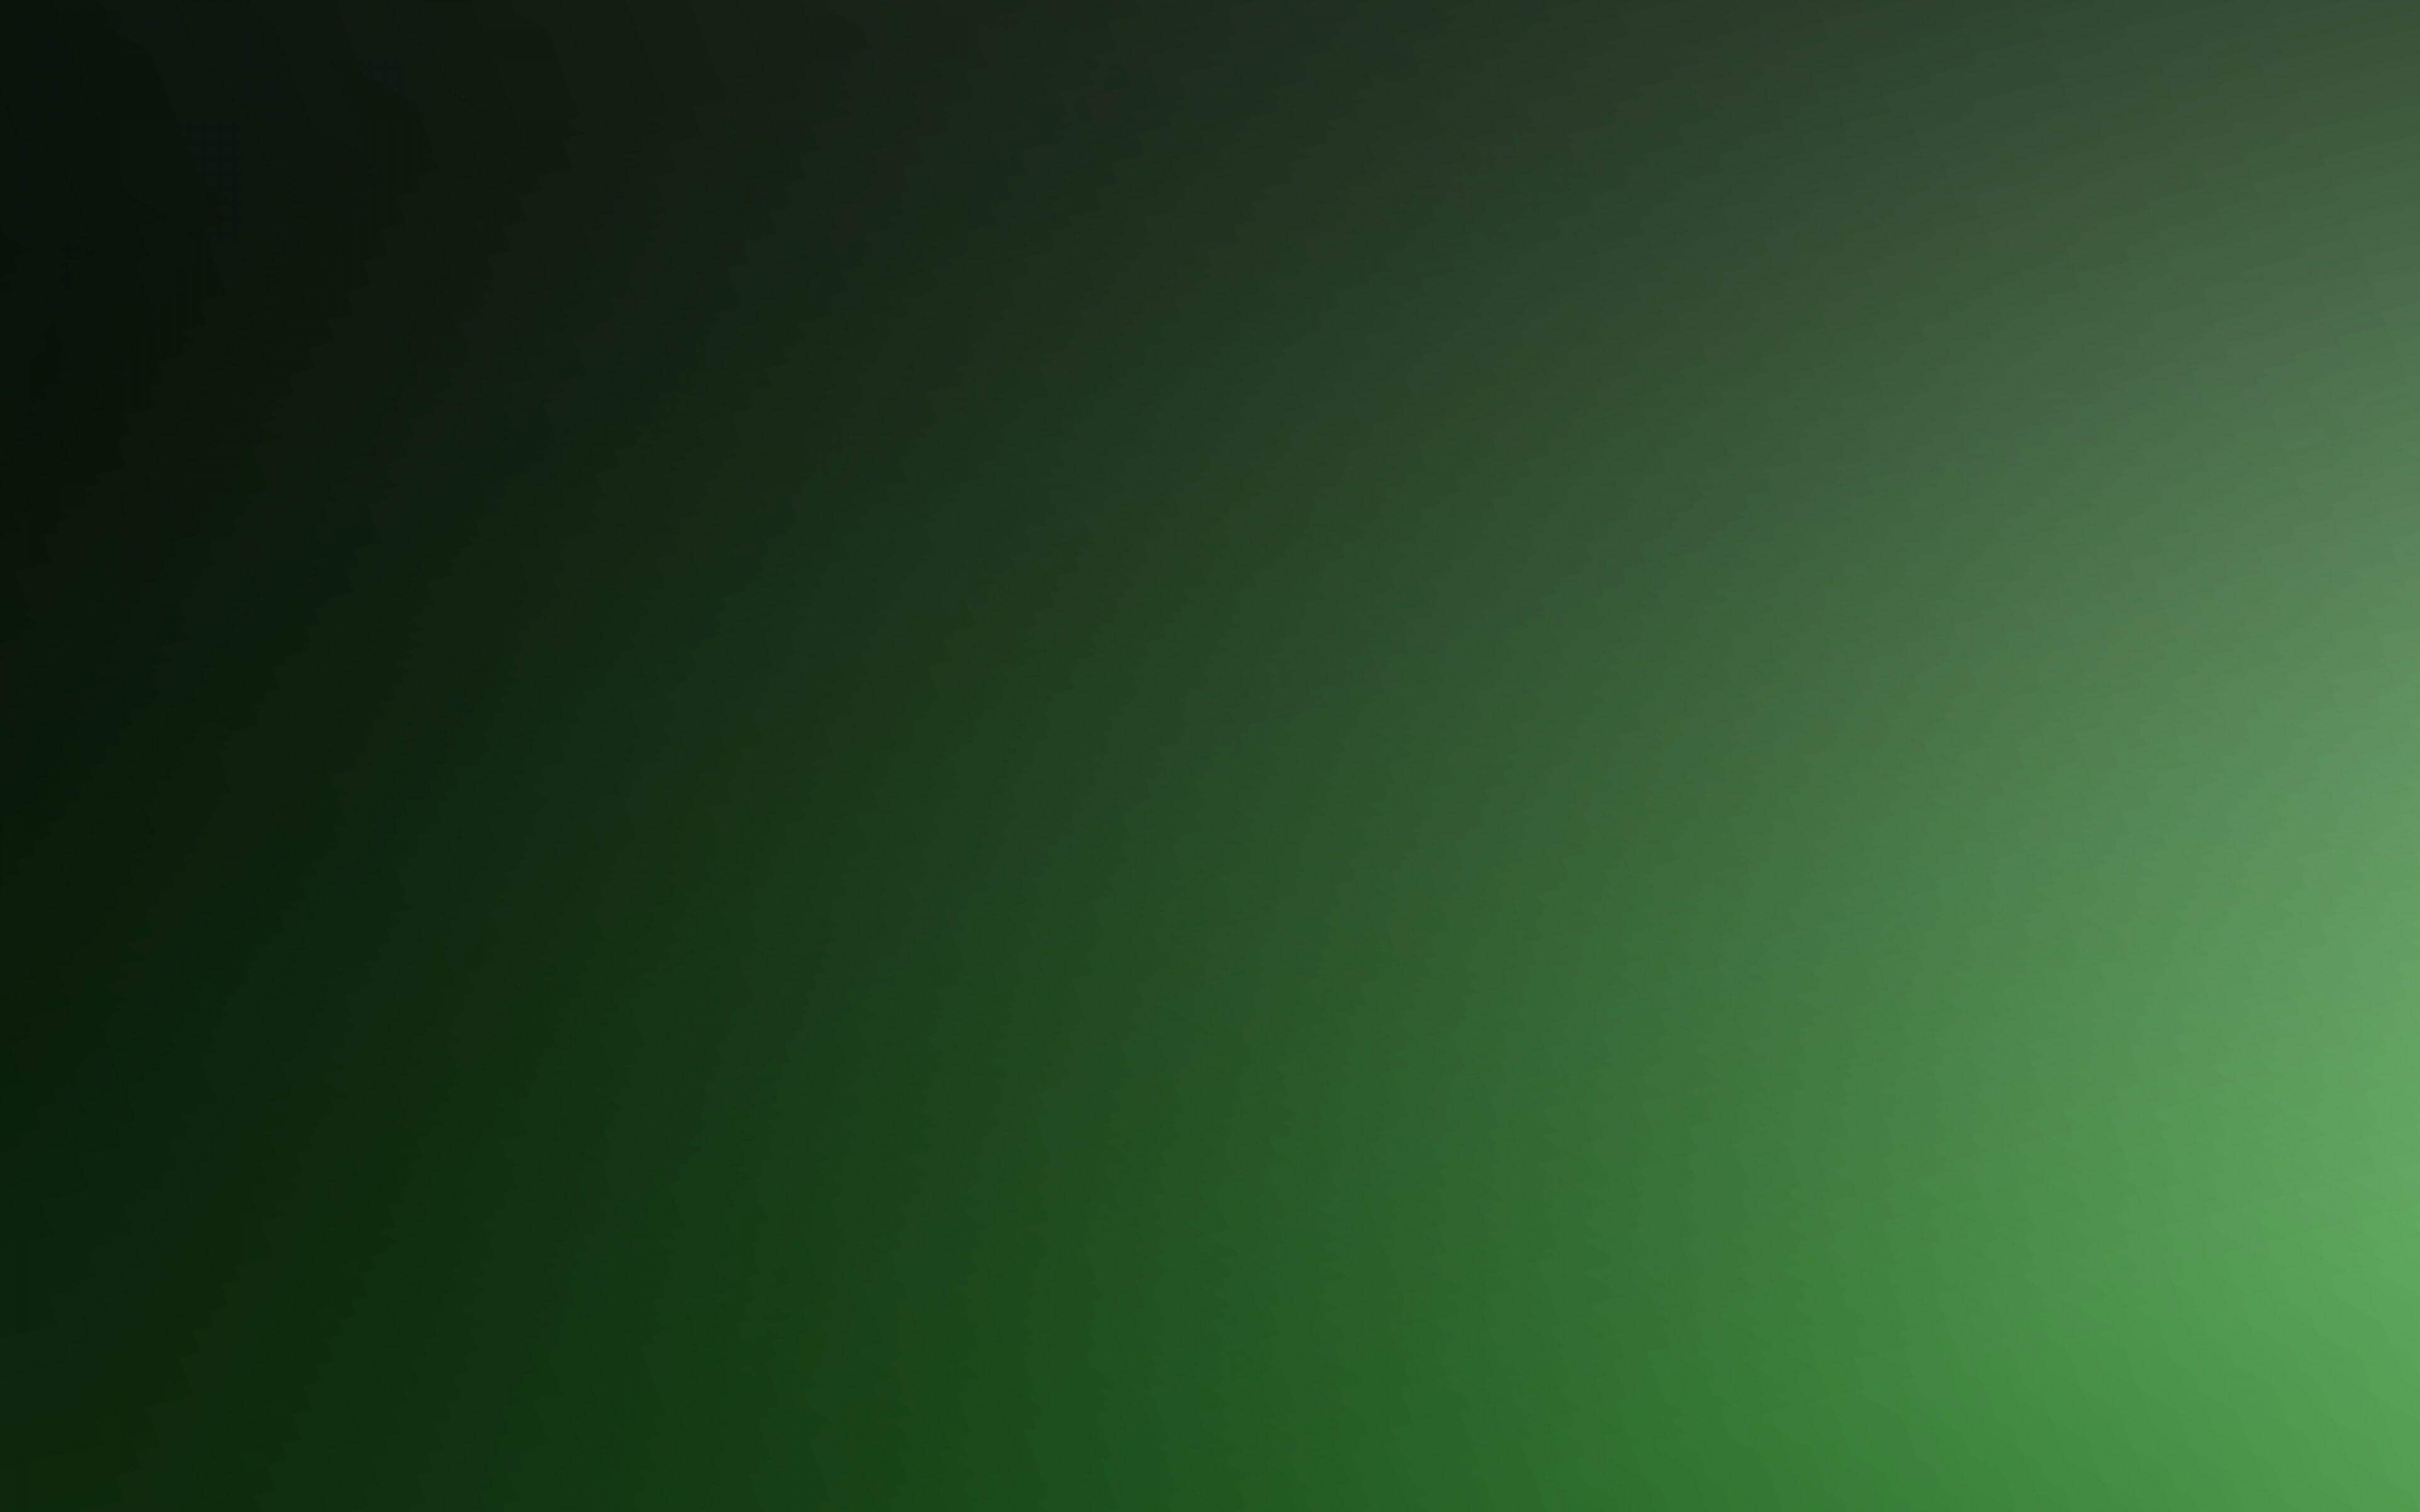 Green Gradient Wallpapers Wallpaper Cave